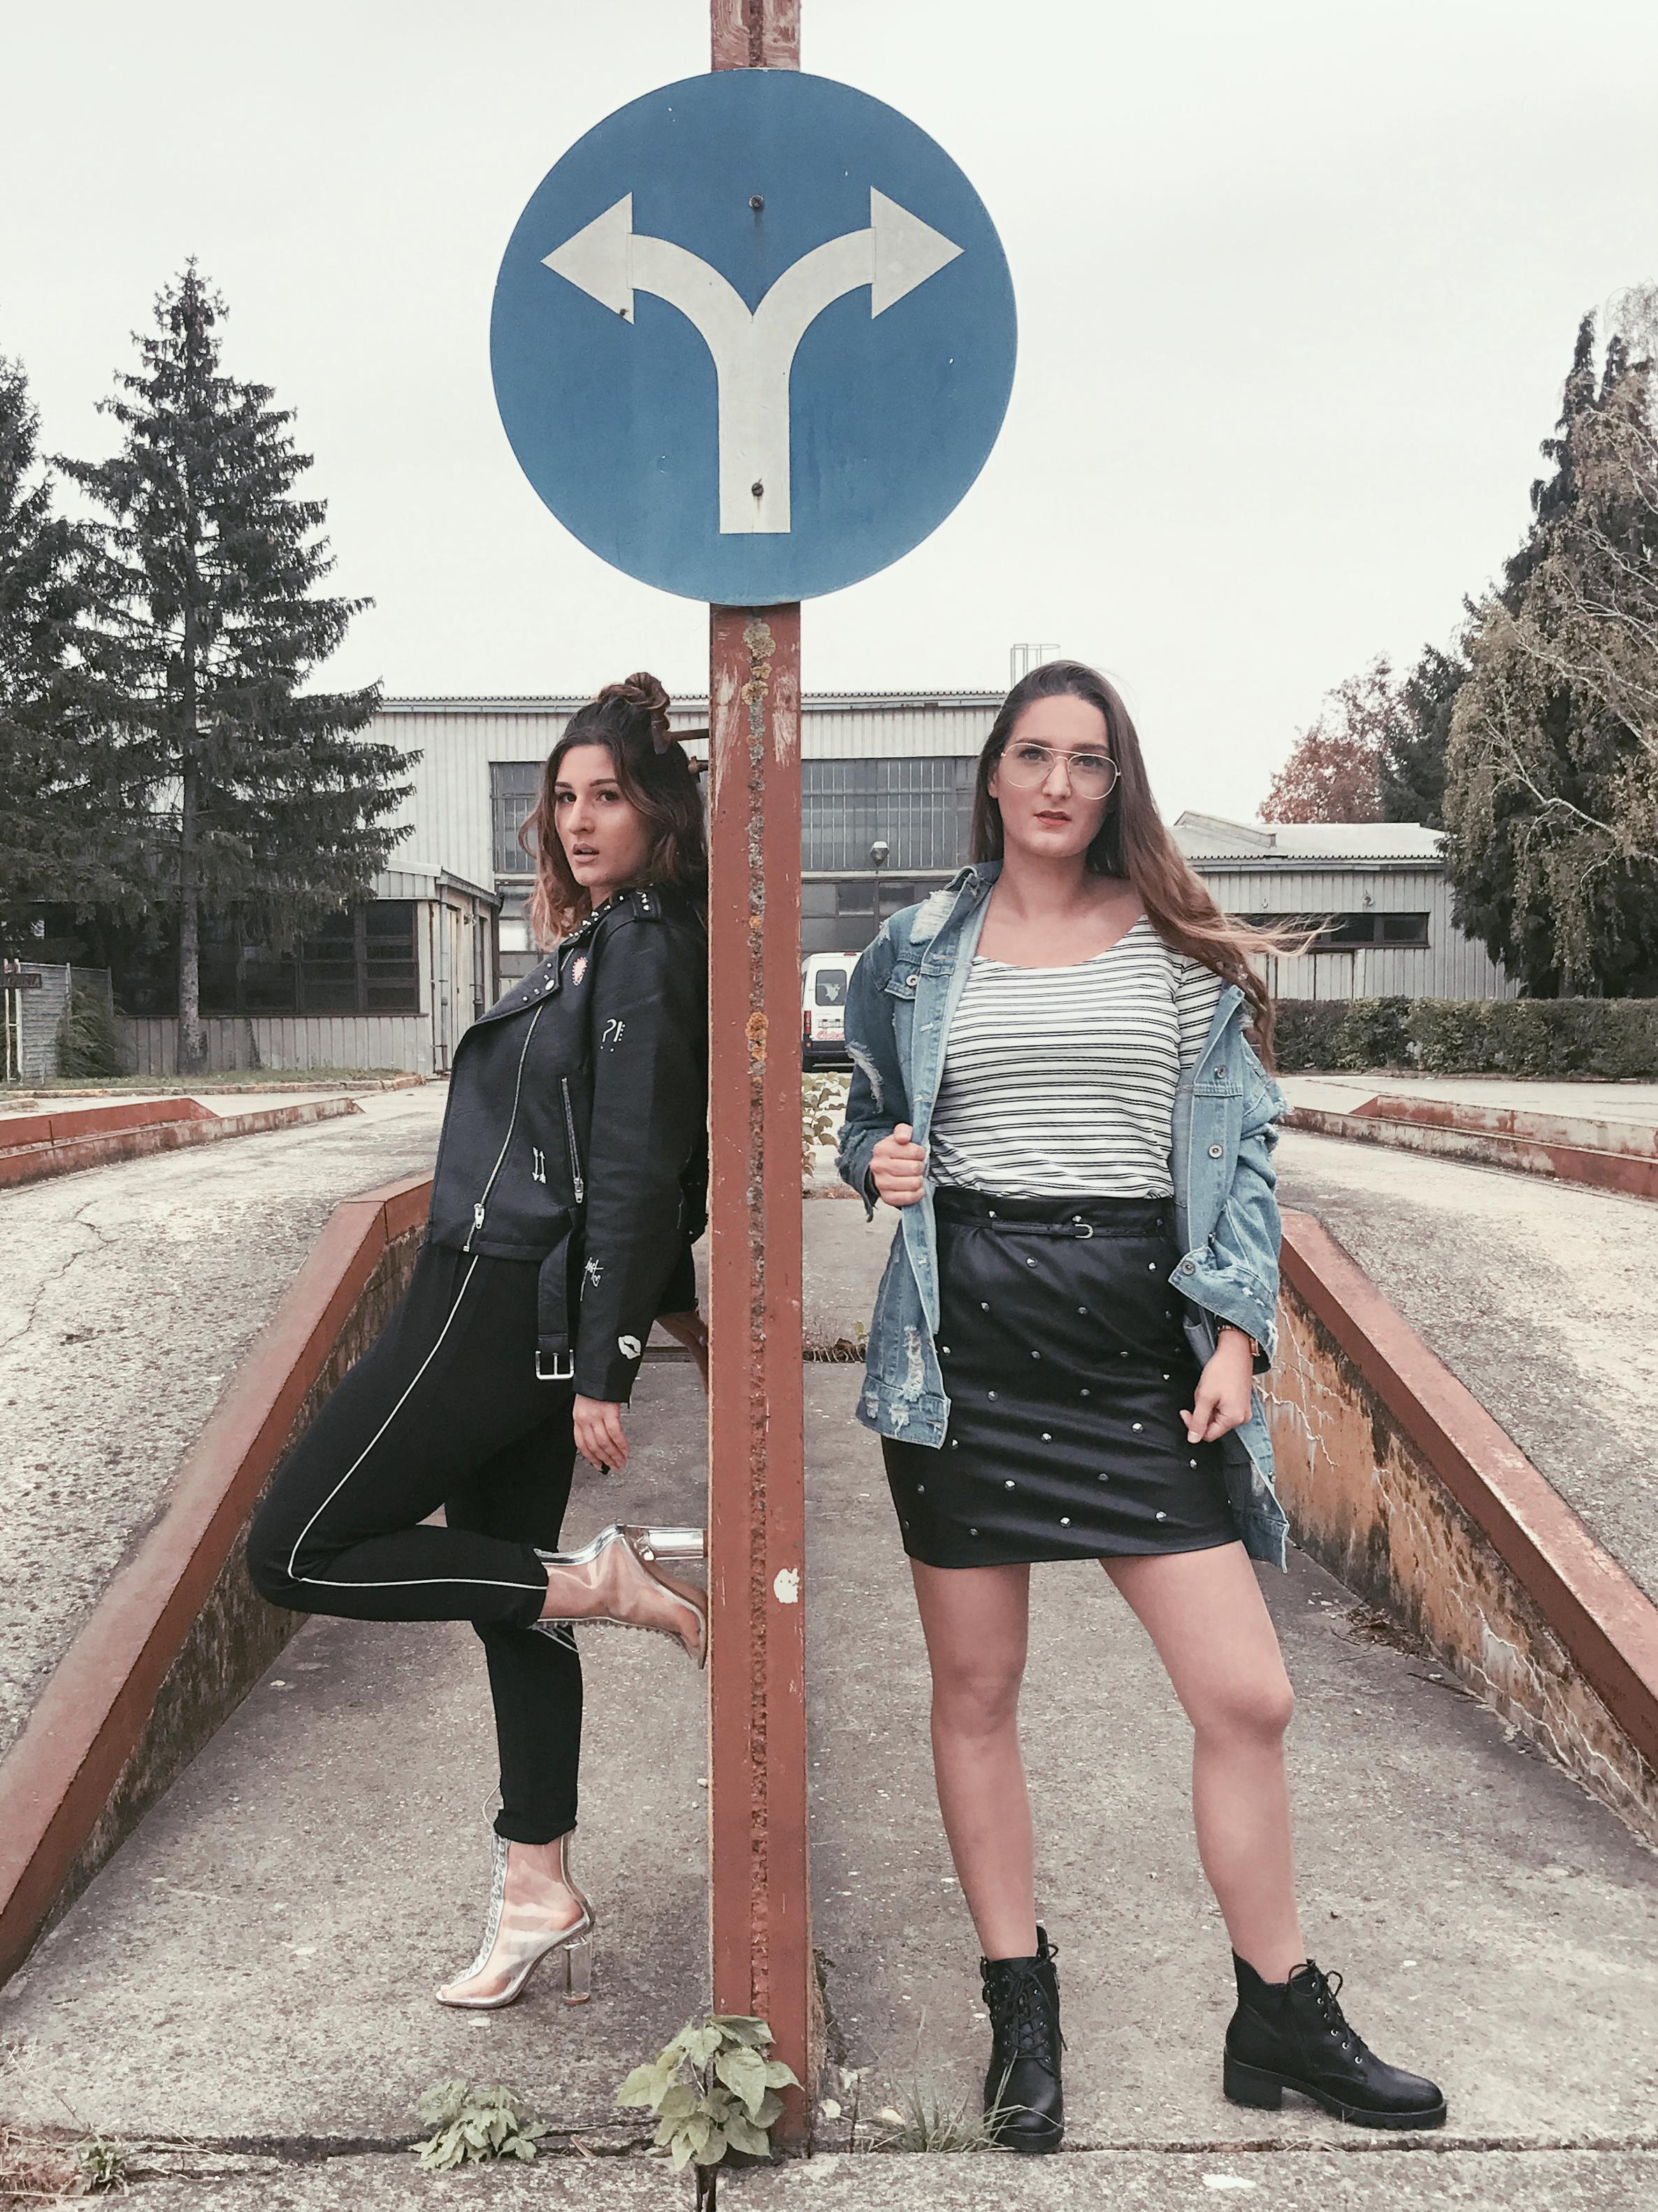 FOTO: Najbolje jesenske street style kombinacije